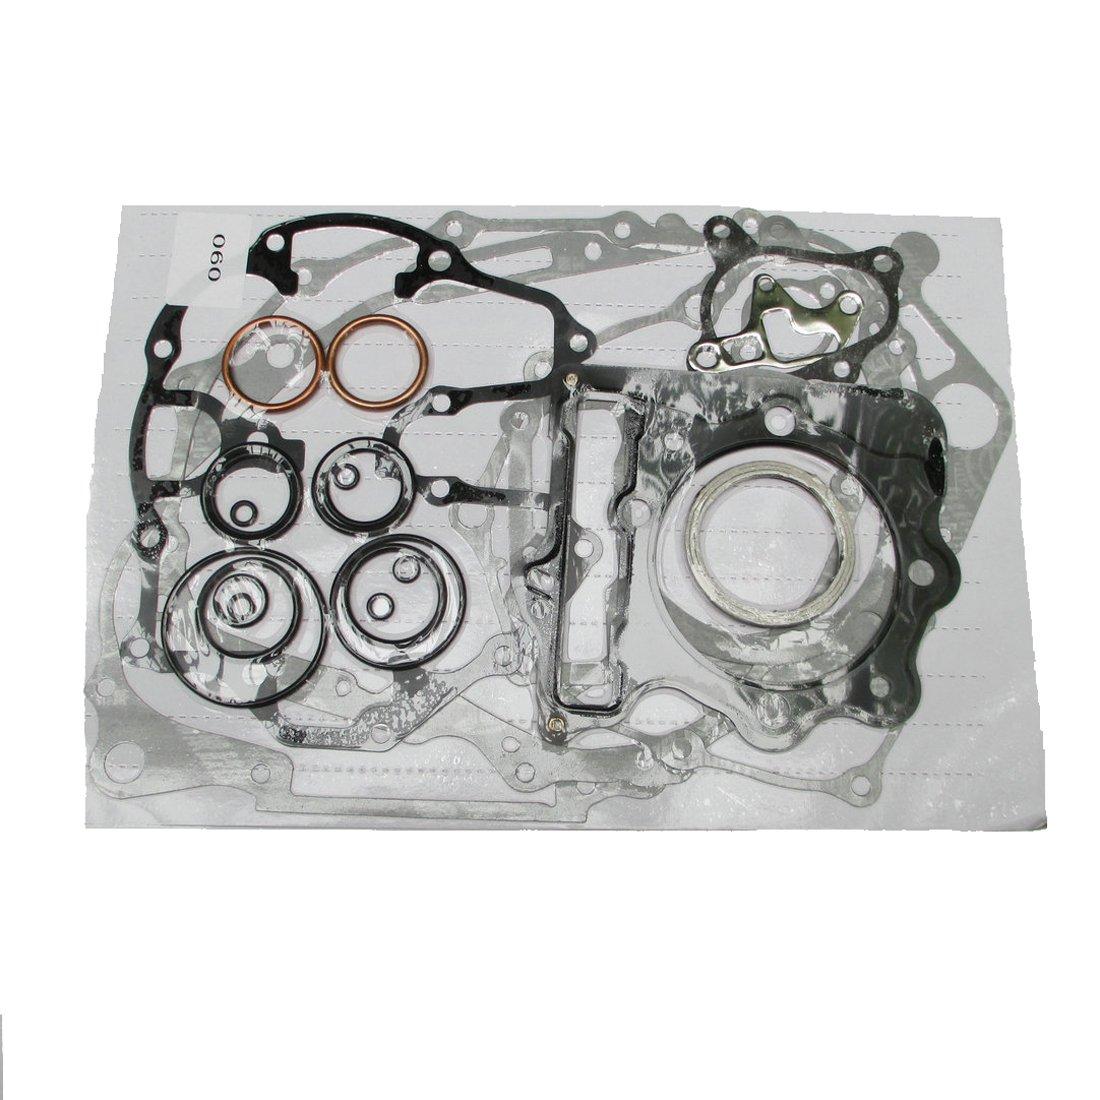 New Complete Gasket Kit Top & Bottom End Set For Honda TRX400EX TRX 1999-2004 USonline911